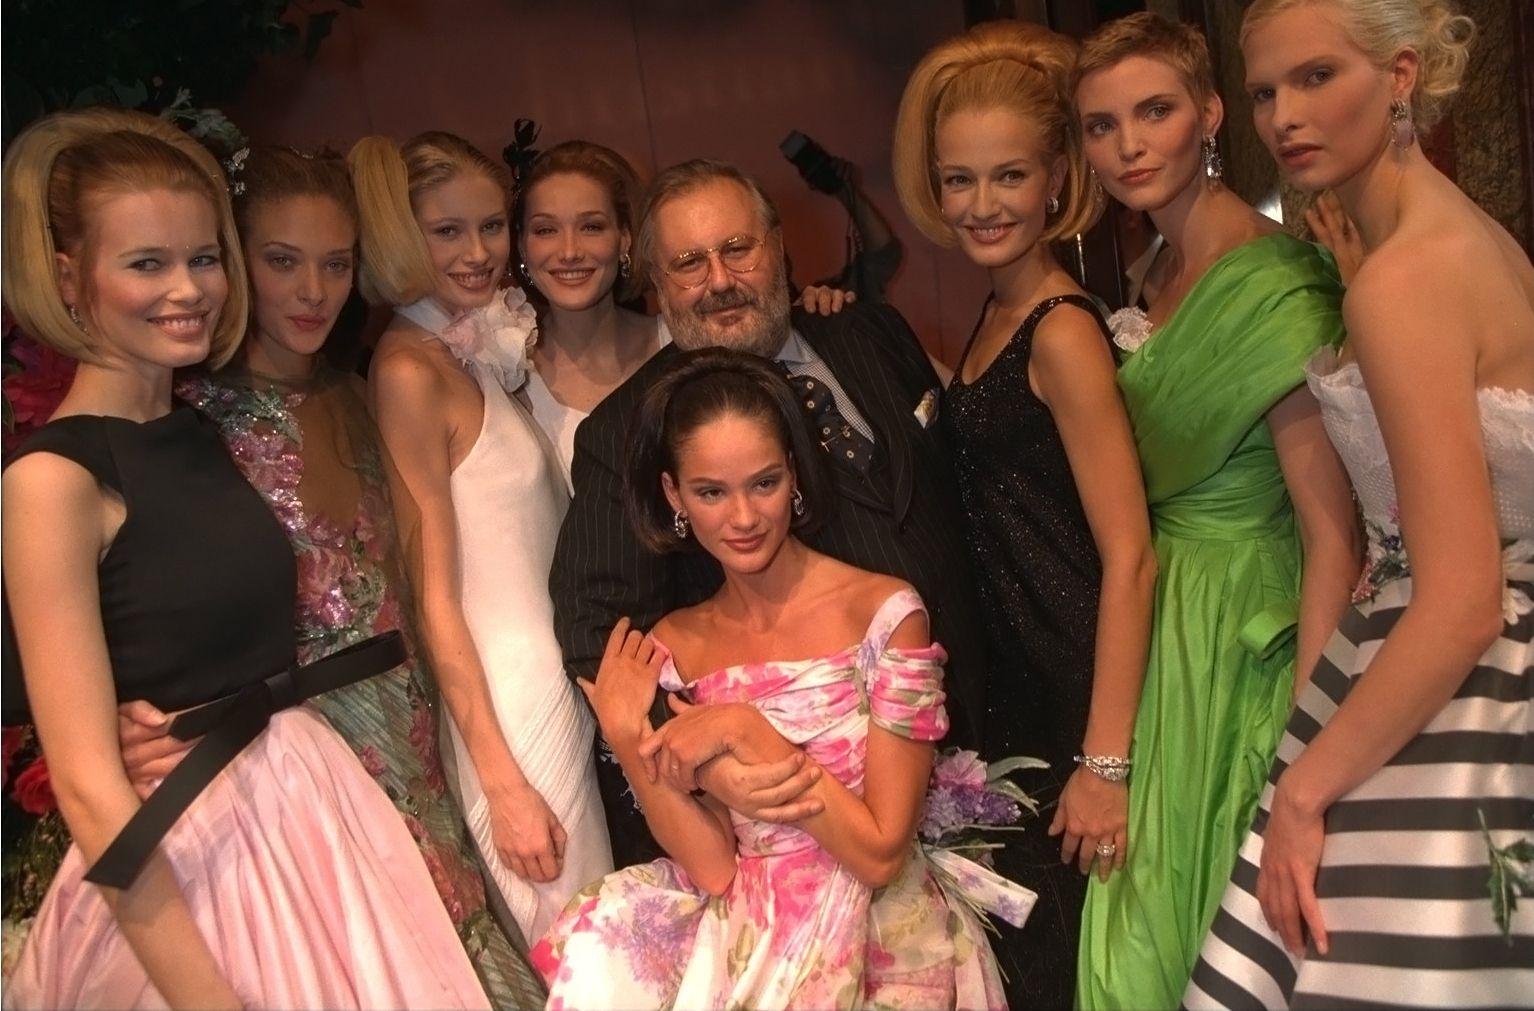 1996 Gianfranco Ferré circondato dalle sue top-model Claudia Schiffer,Karen Mulder; Kirsty Hume Carla Bruni accanto allo stilista e Nadja Auermann